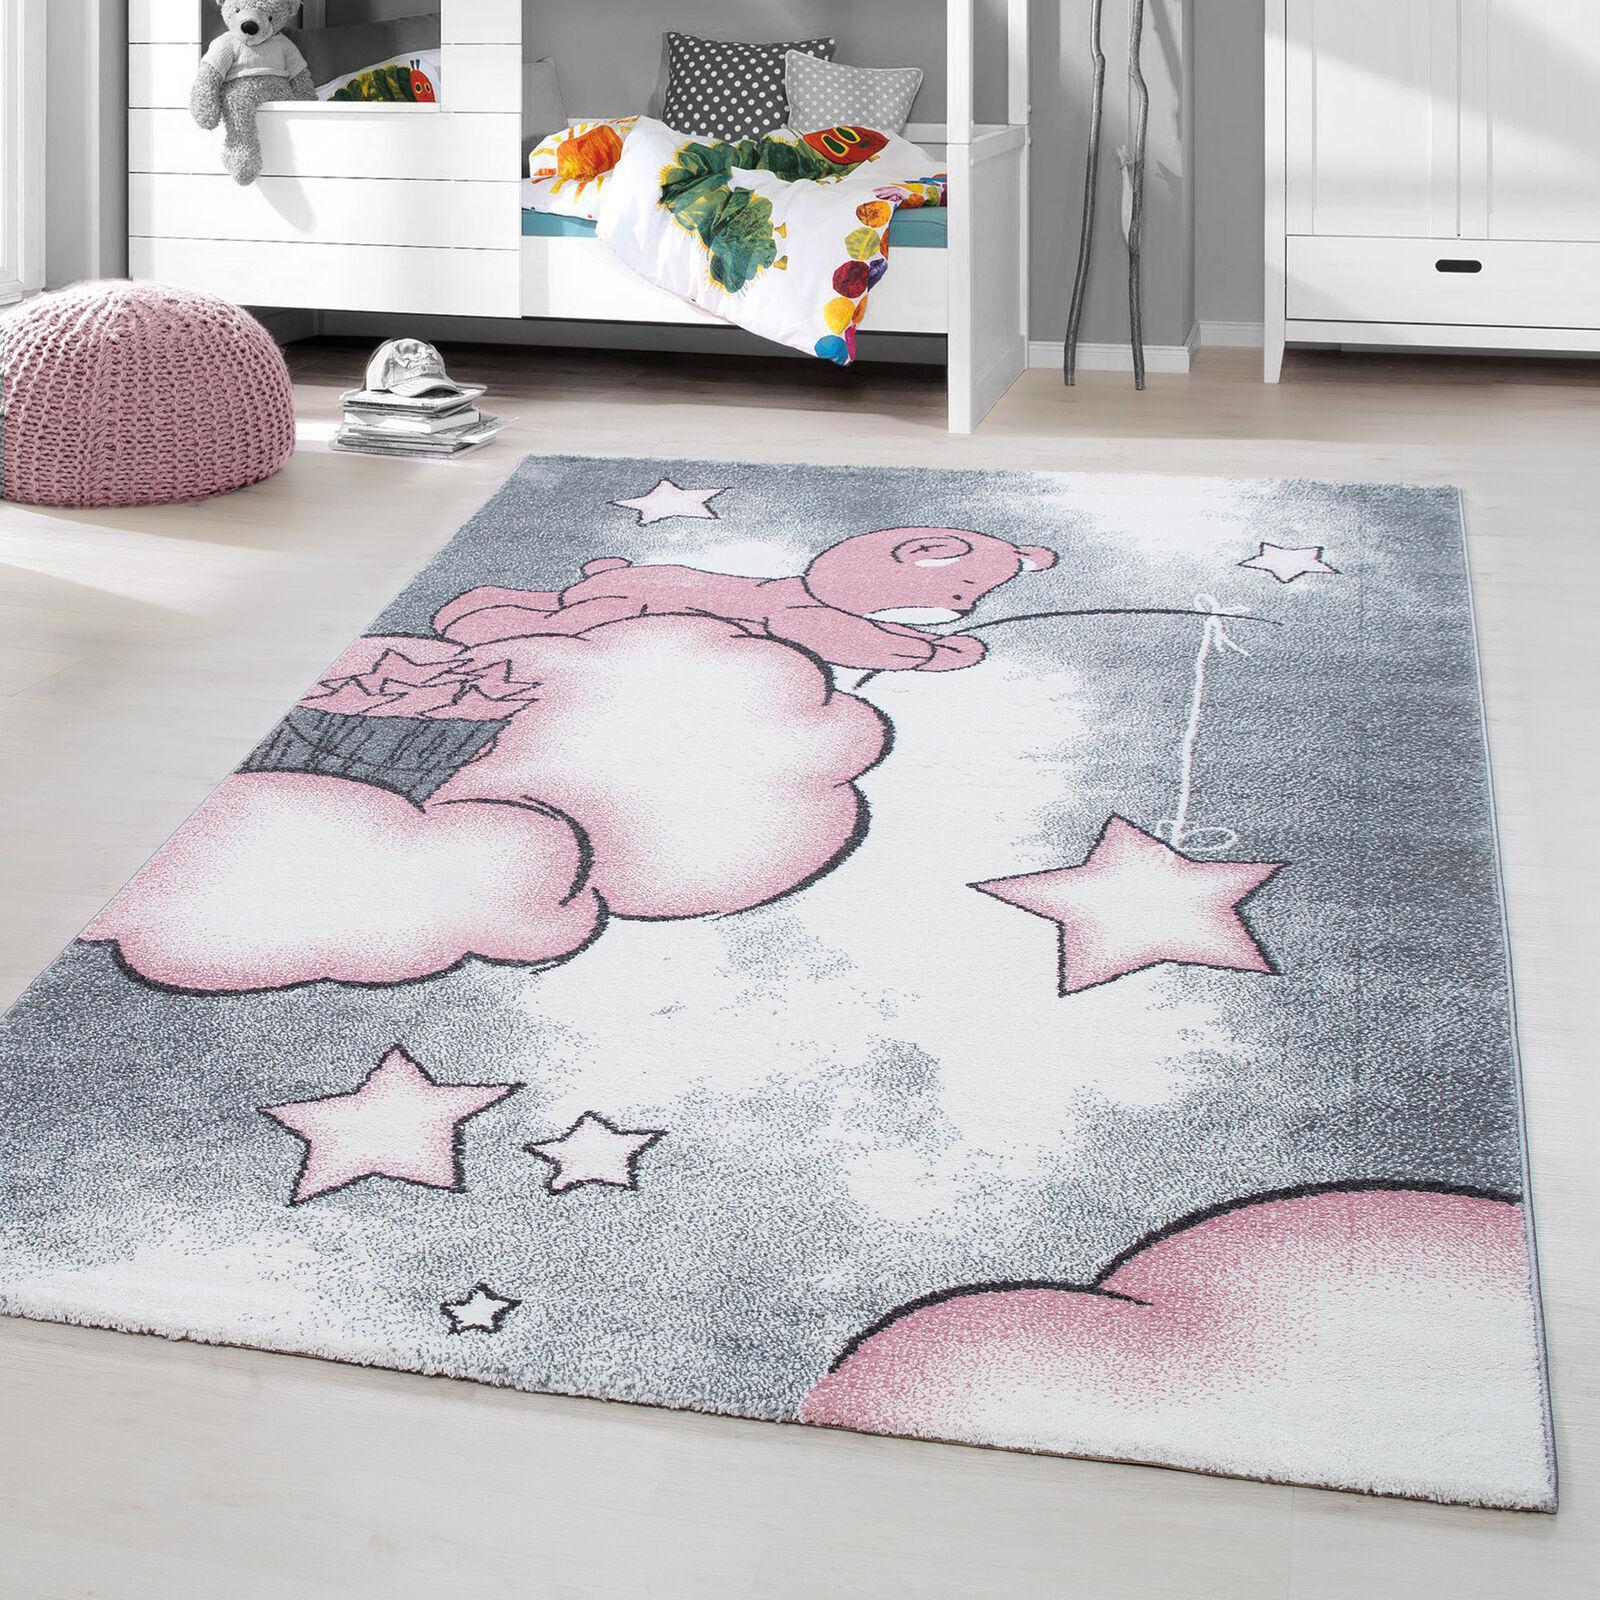 Teppich Babyzimmer Test Vergleich +++ Teppich Babyzimmer günstig kaufen!